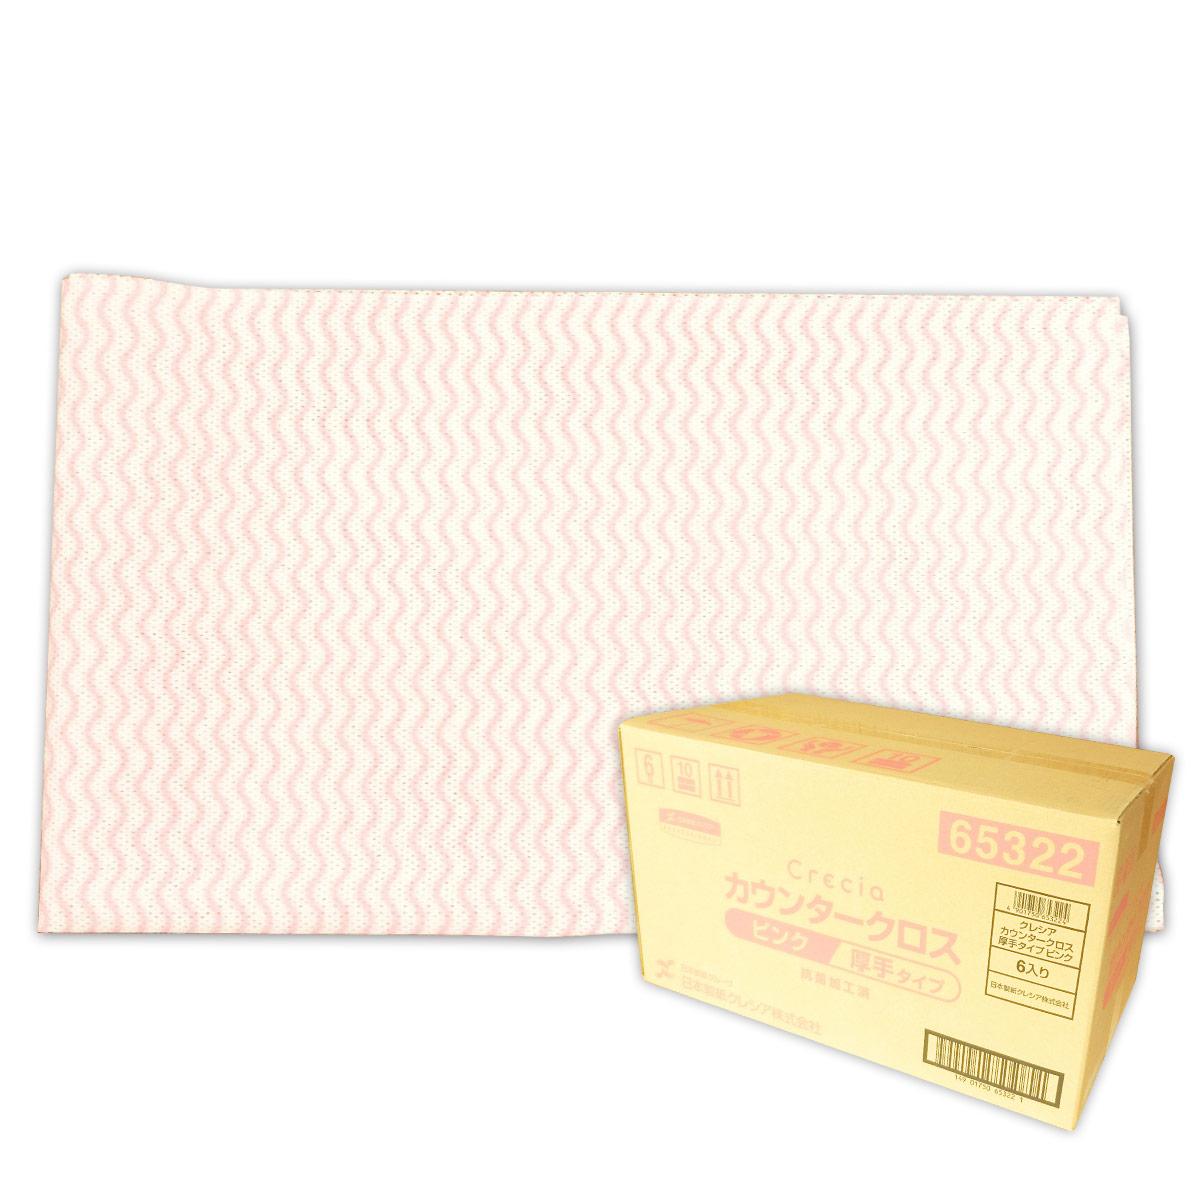 厚手タイプ クレシア 360枚(60枚入×6箱)【日本製紙クレシア】【65322】 ピンク カウンタークロス